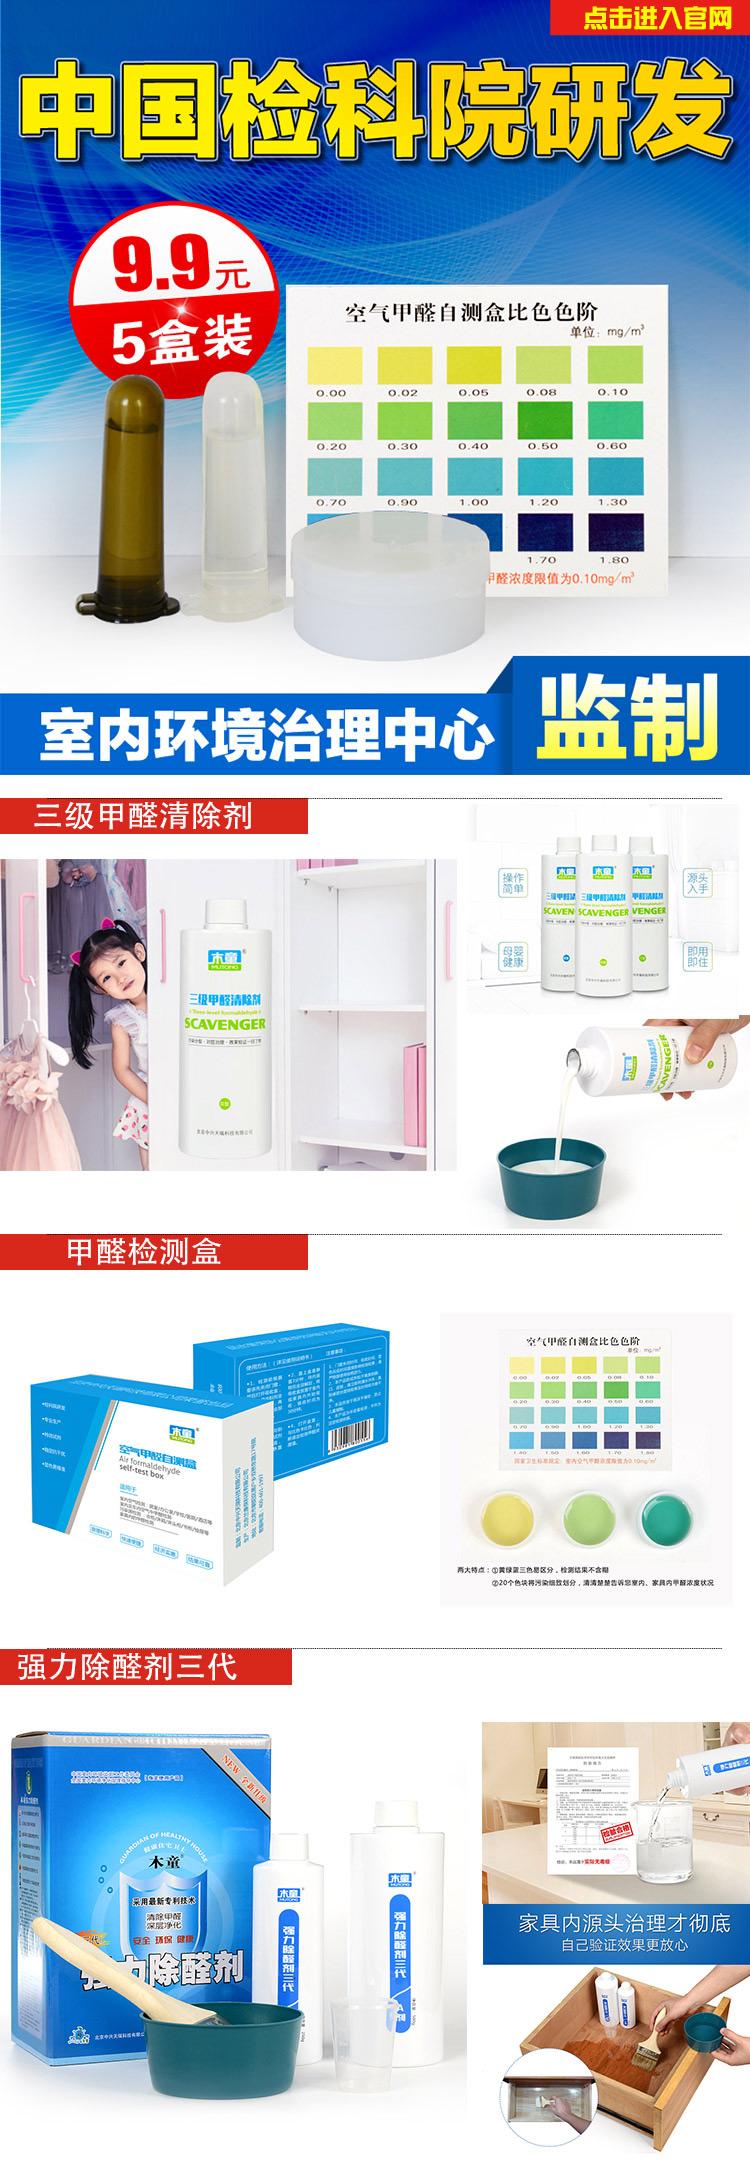 http://www.xiaoluxinxi.com/jiancaijiazhuang/516159.html